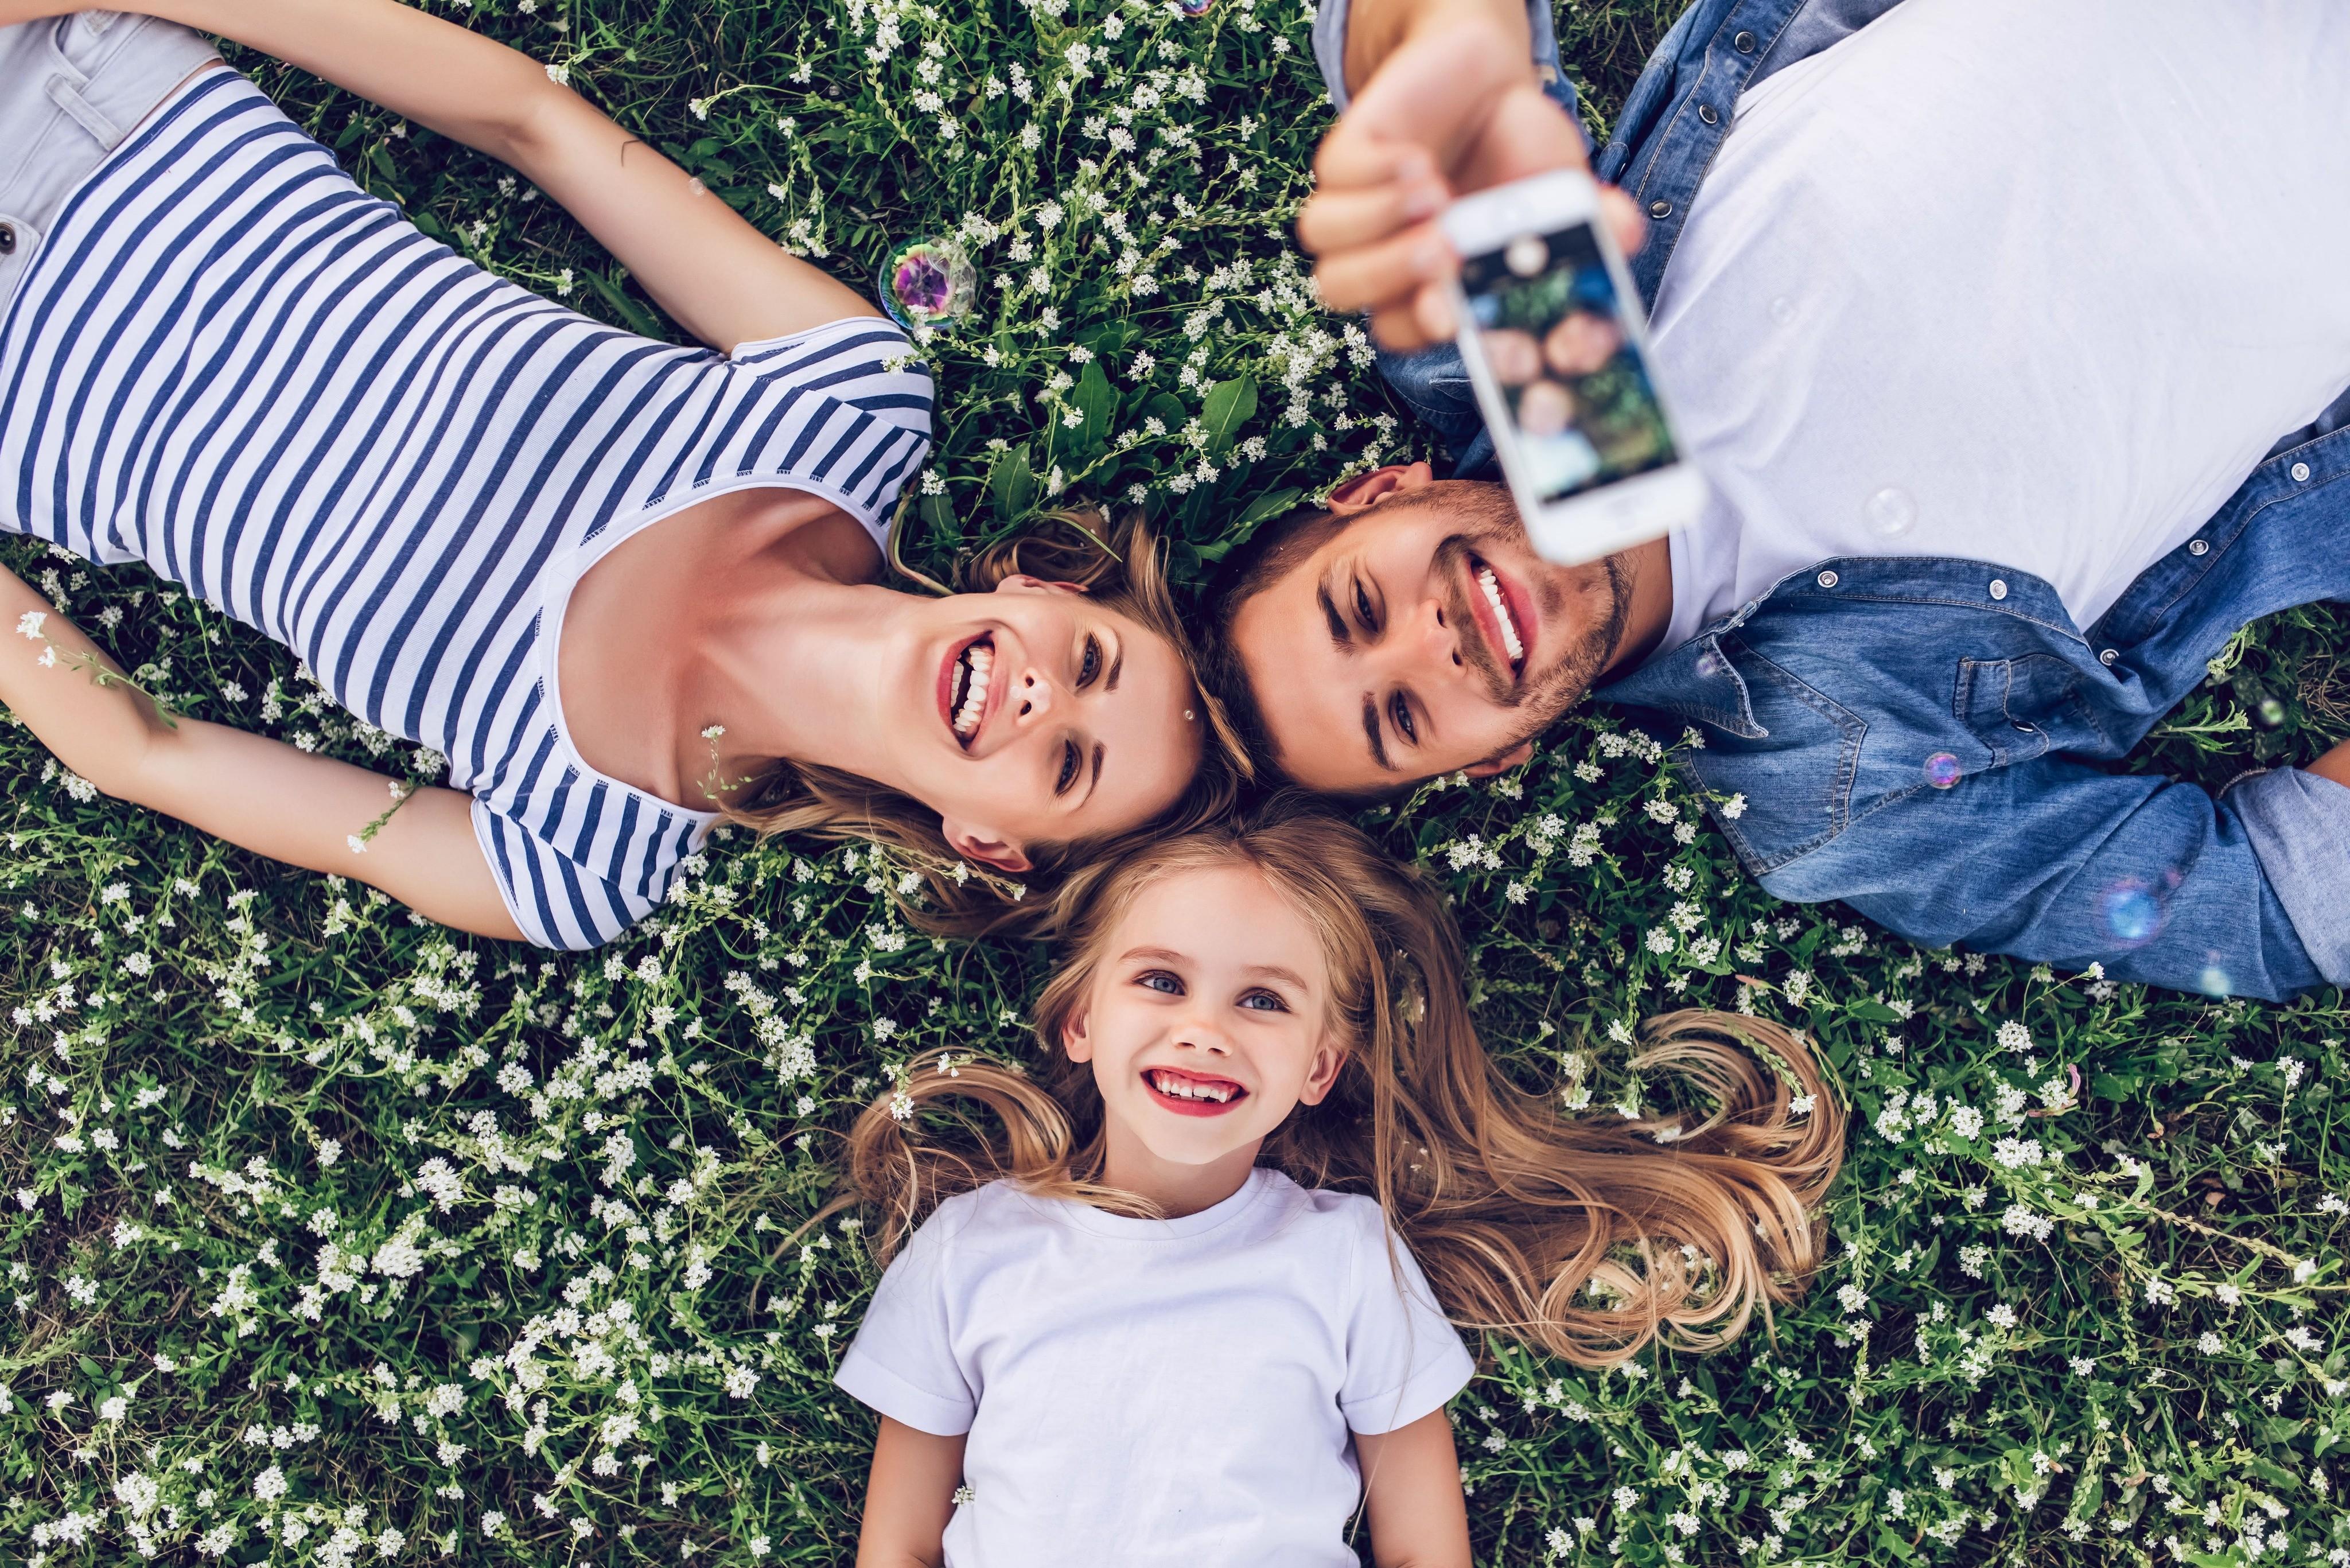 Теперь у тебя новый папа: 5 советов, как построить новые отношения, когда у тебя есть ребенок